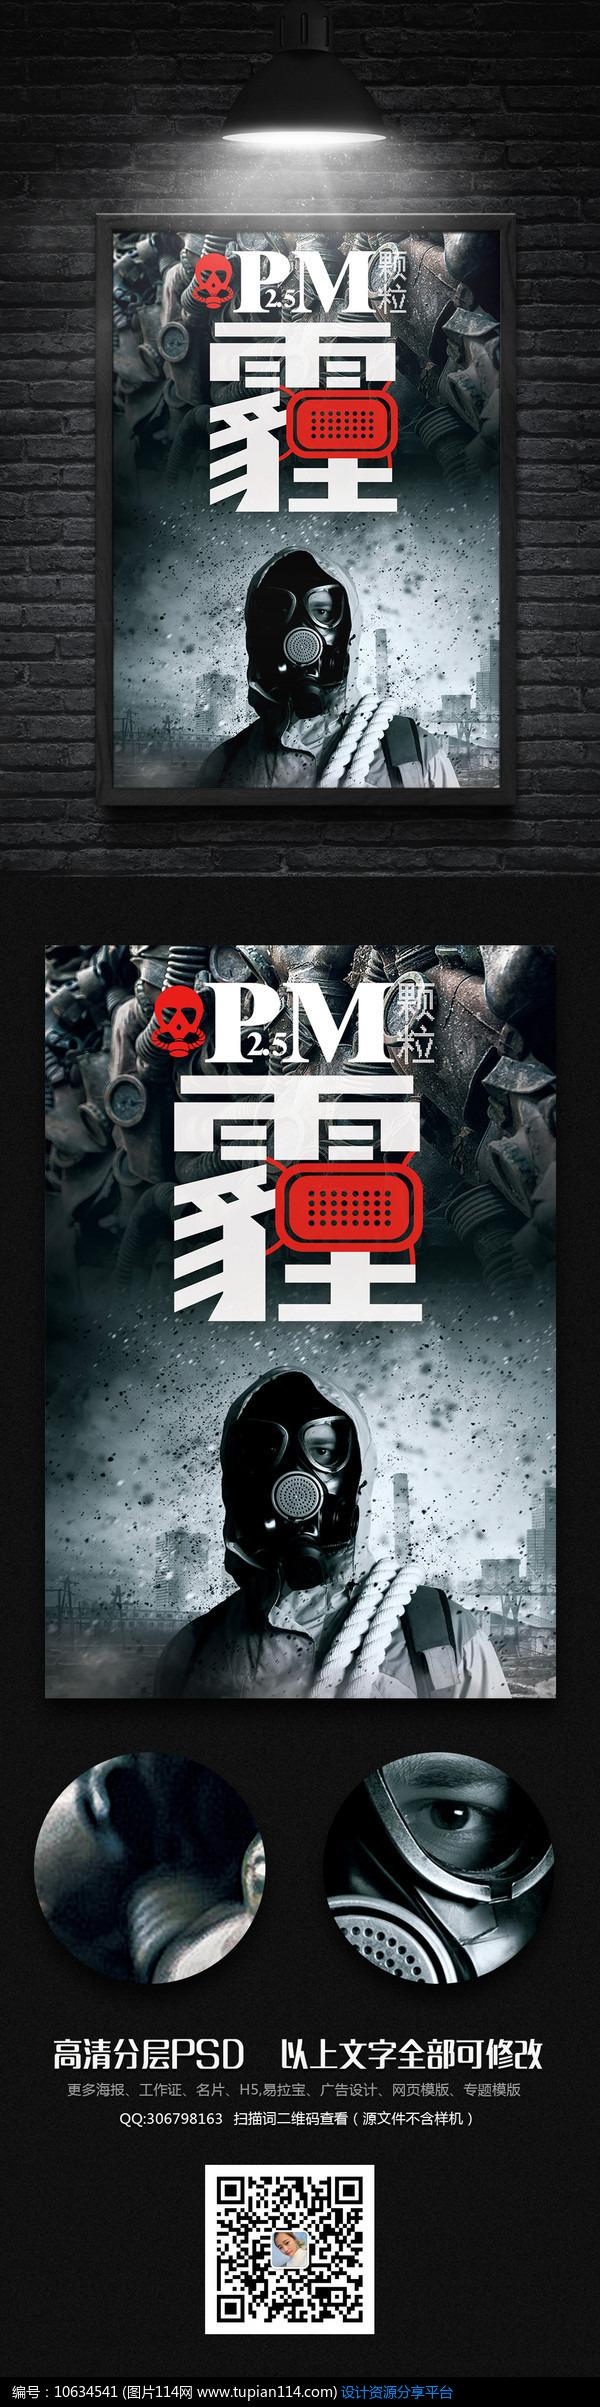 [原创] 创意雾霾公益海报设计